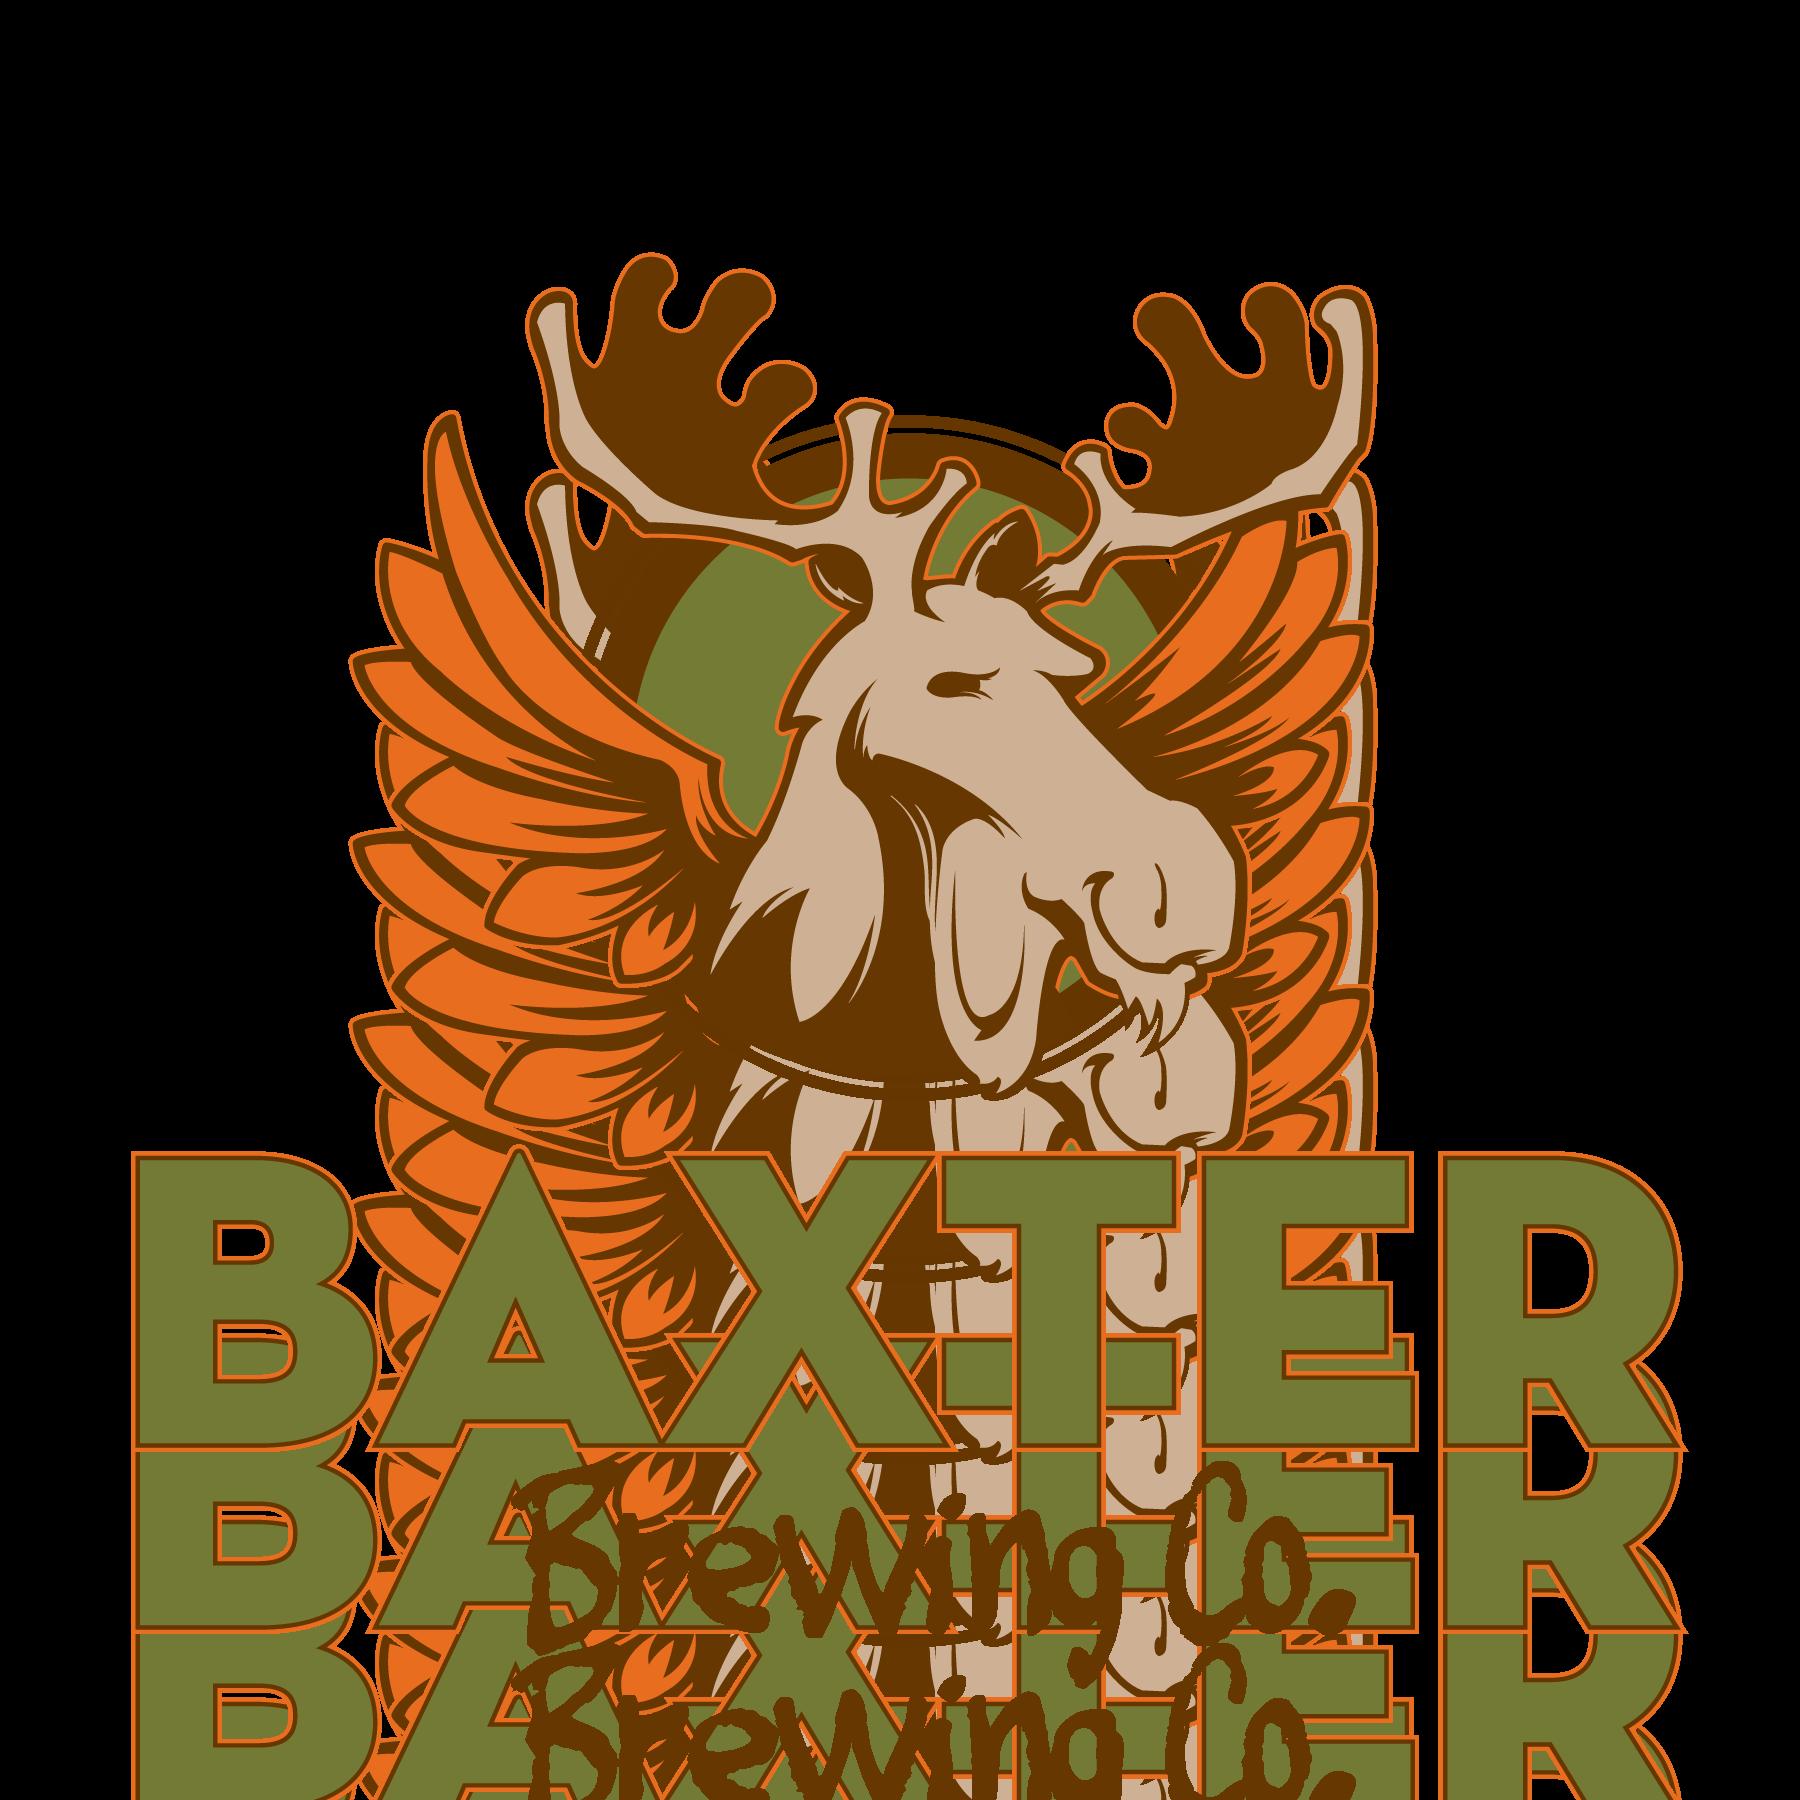 Baxter Brewing